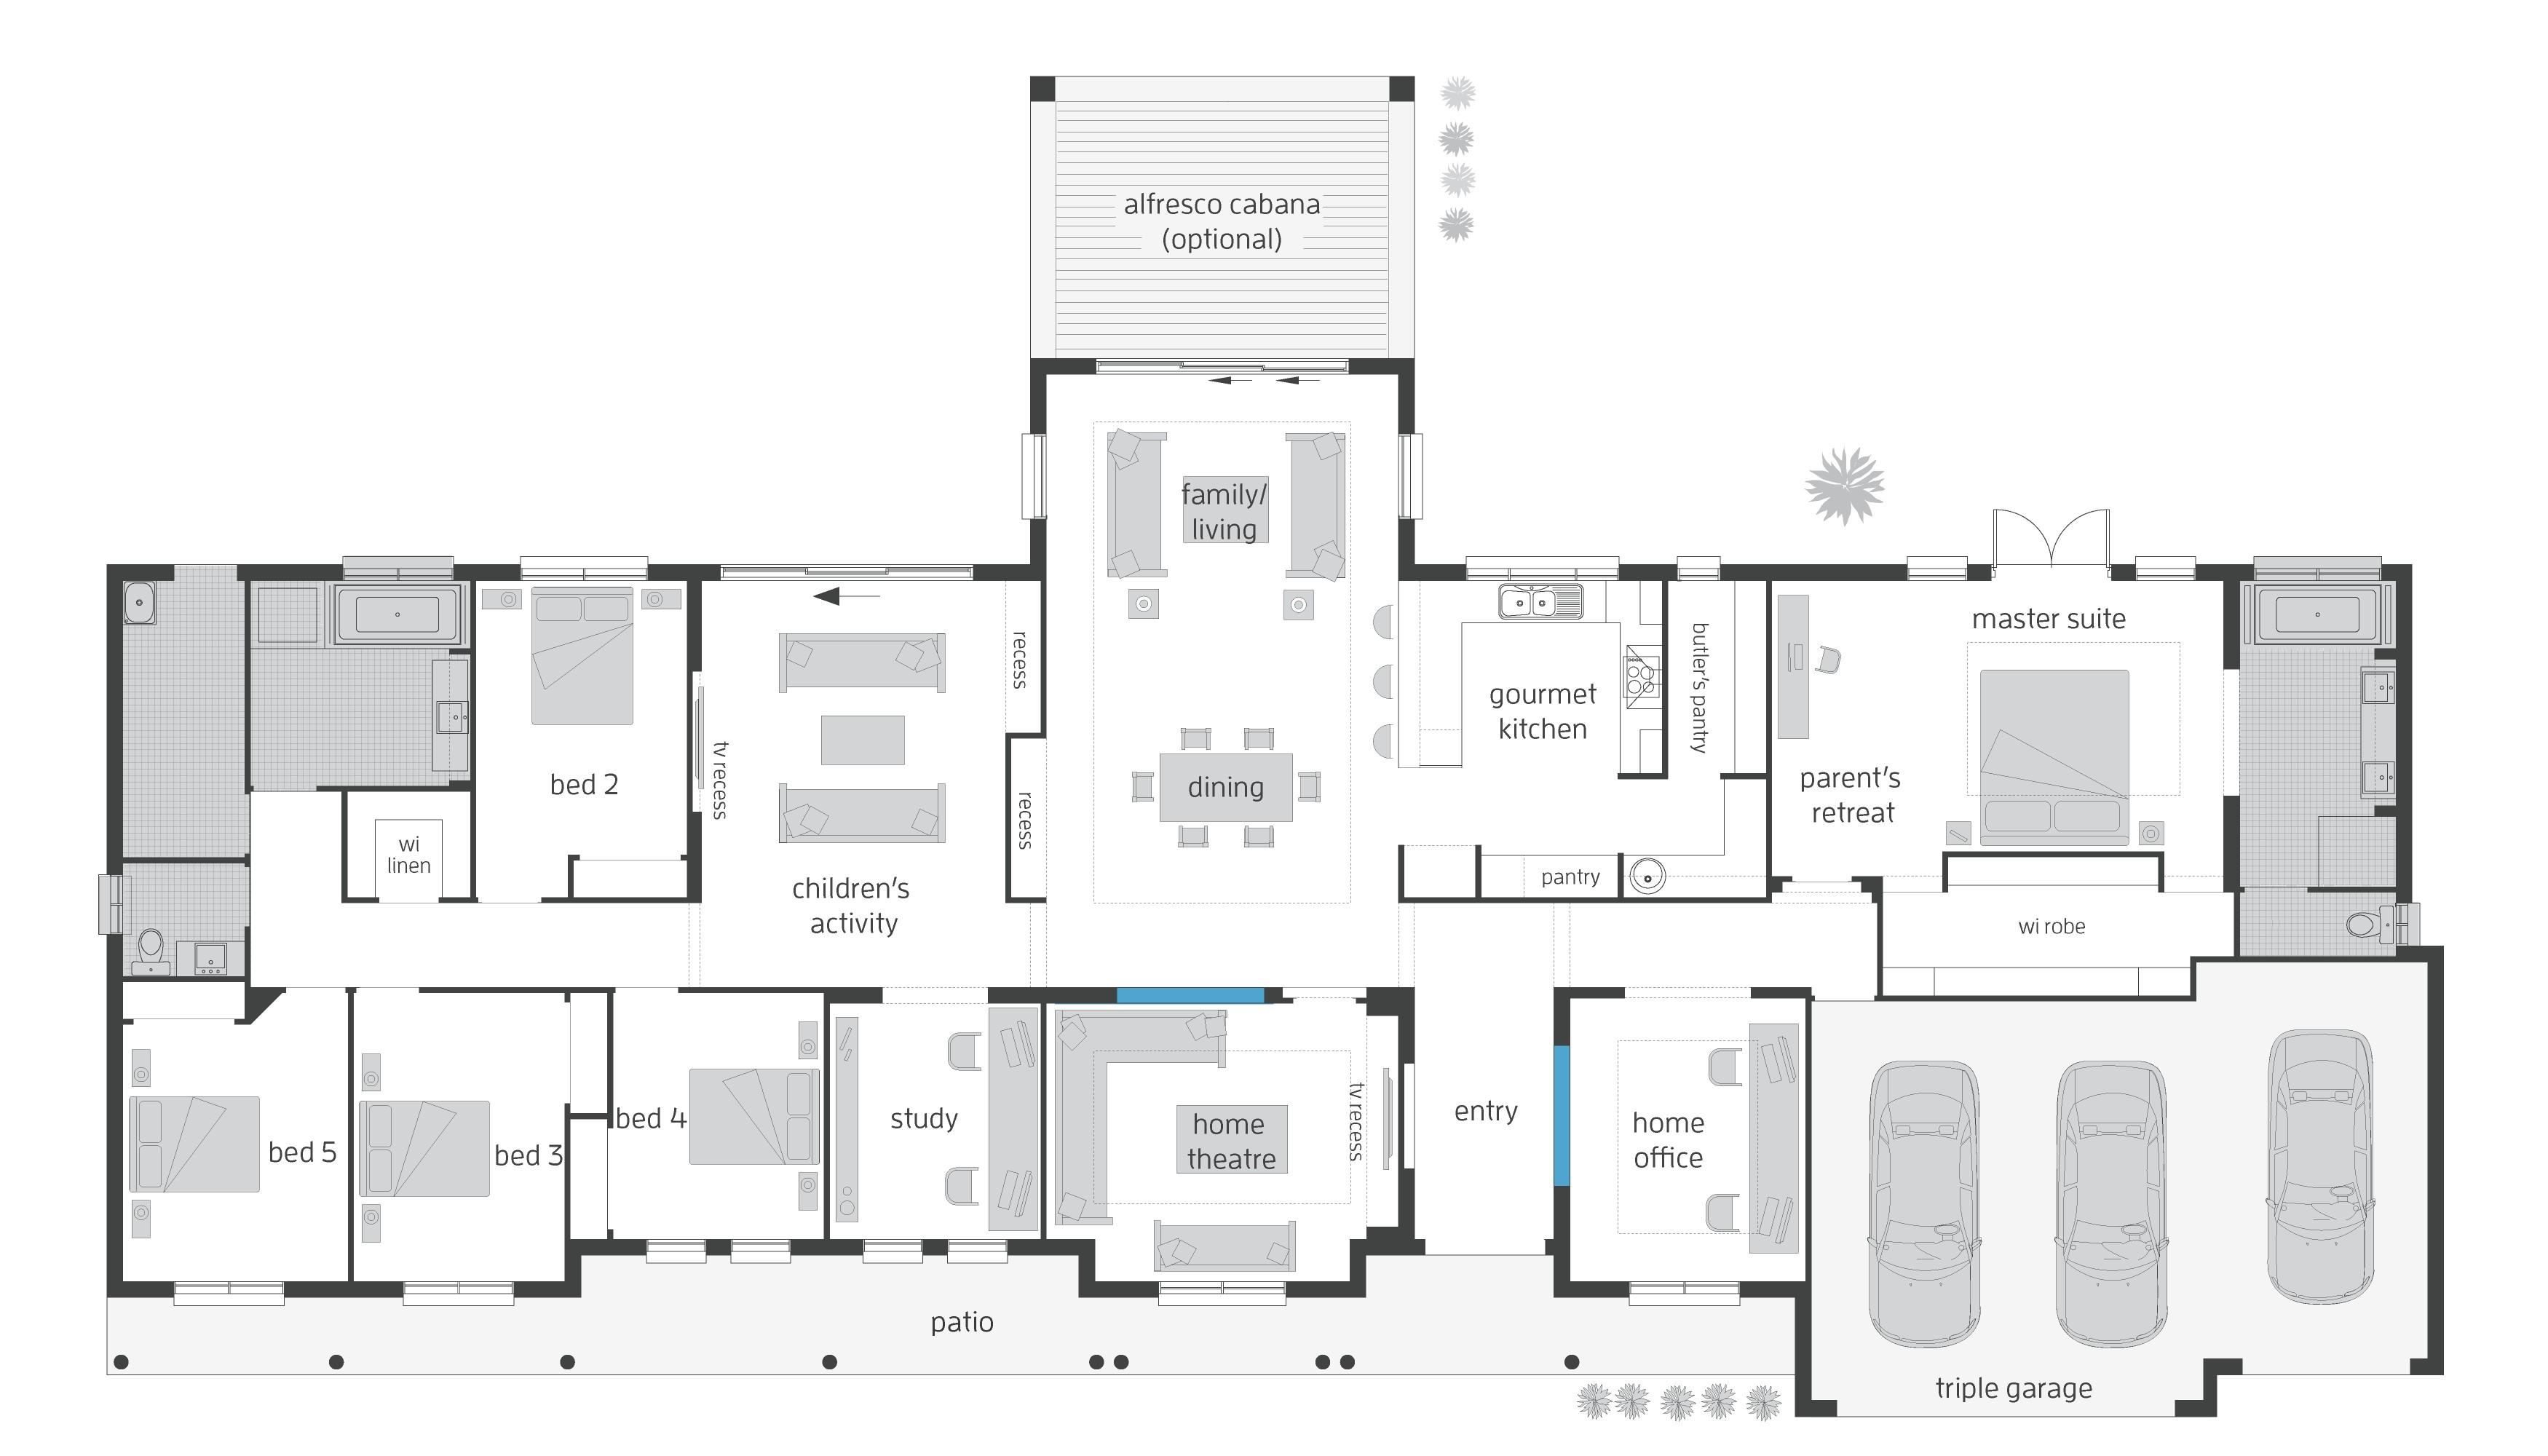 australian home plans floor plans unique house plans australia country popular house plan 2017